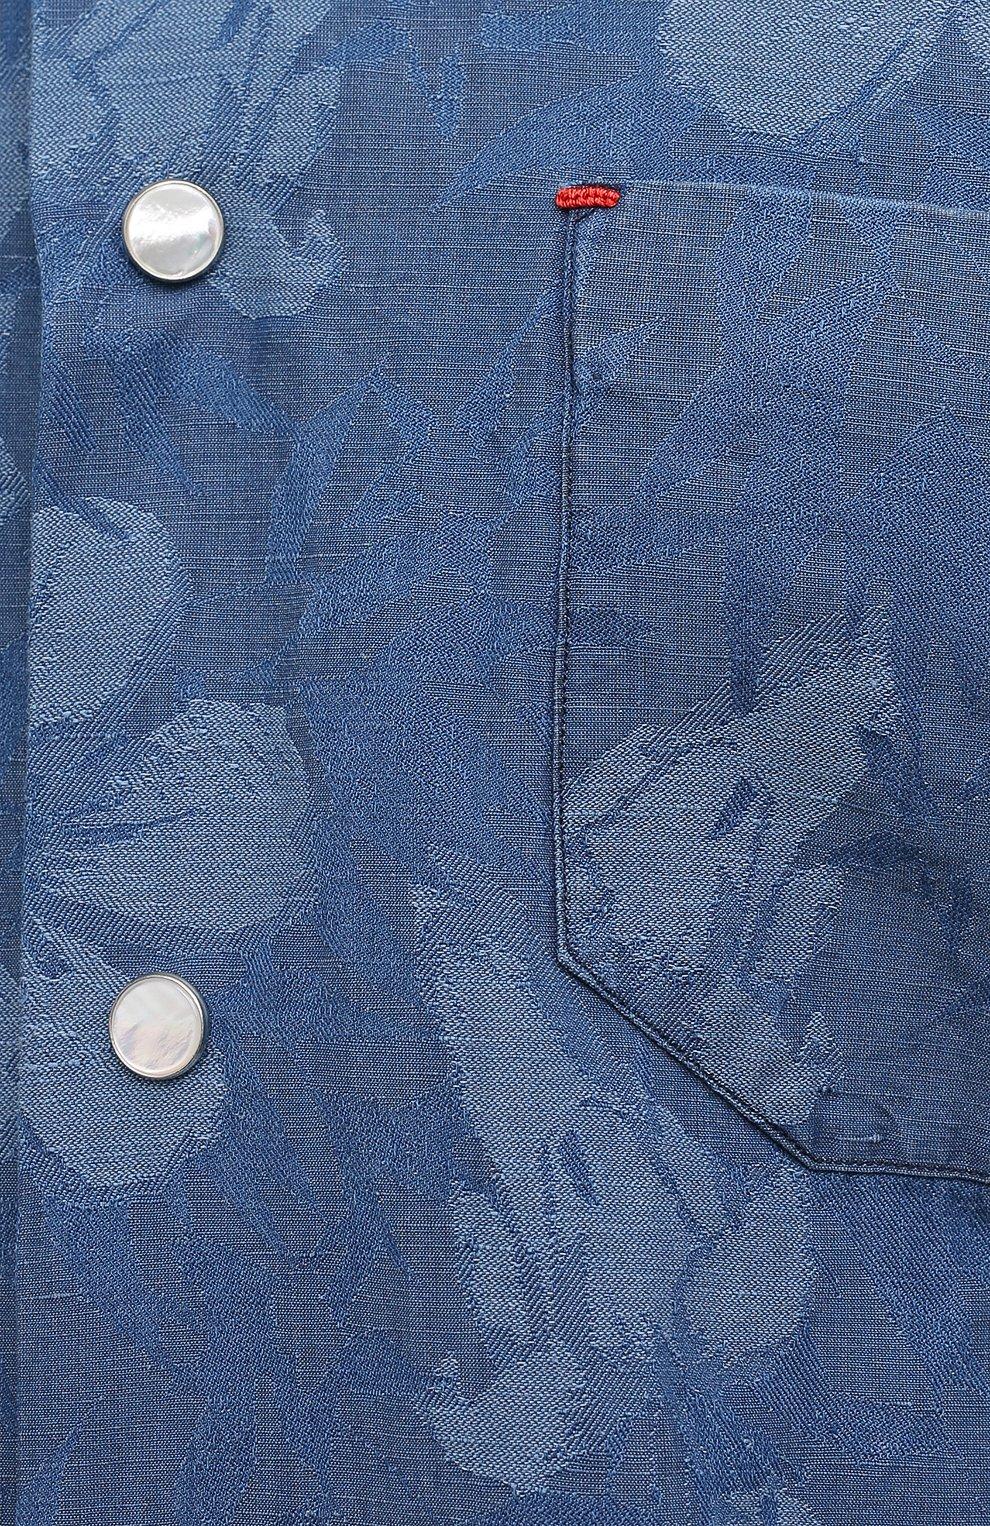 Мужская рубашка из хлопка и льна KITON синего цвета, арт. UMCNERCH0763202   Фото 5 (Рукава: Длинные; Рубашки М: Regular Fit; Манжеты: На кнопках; Воротник: Акула; Случай: Повседневный; Длина (для топов): Стандартные; Принт: С принтом; Материал внешний: Хлопок, Лен; Стили: Кэжуэл)